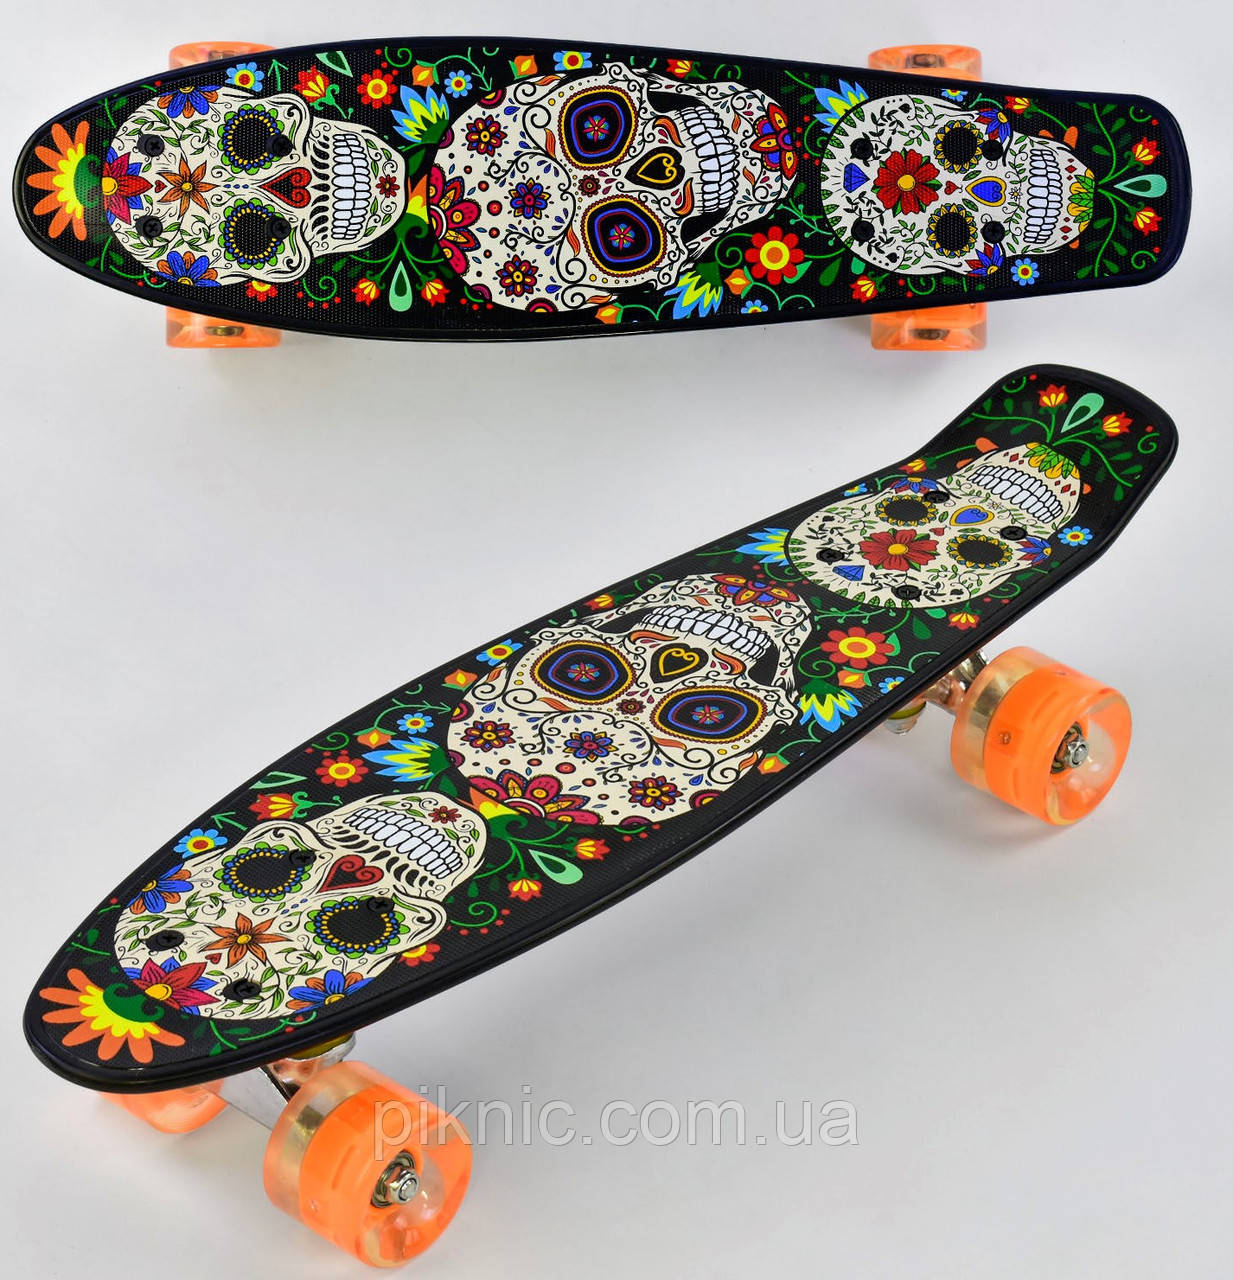 Пенни борд Череп для детей от 6 лет, 55см, Свет колёса PU 6см Скейтборд Penny board, Лонгборд детский